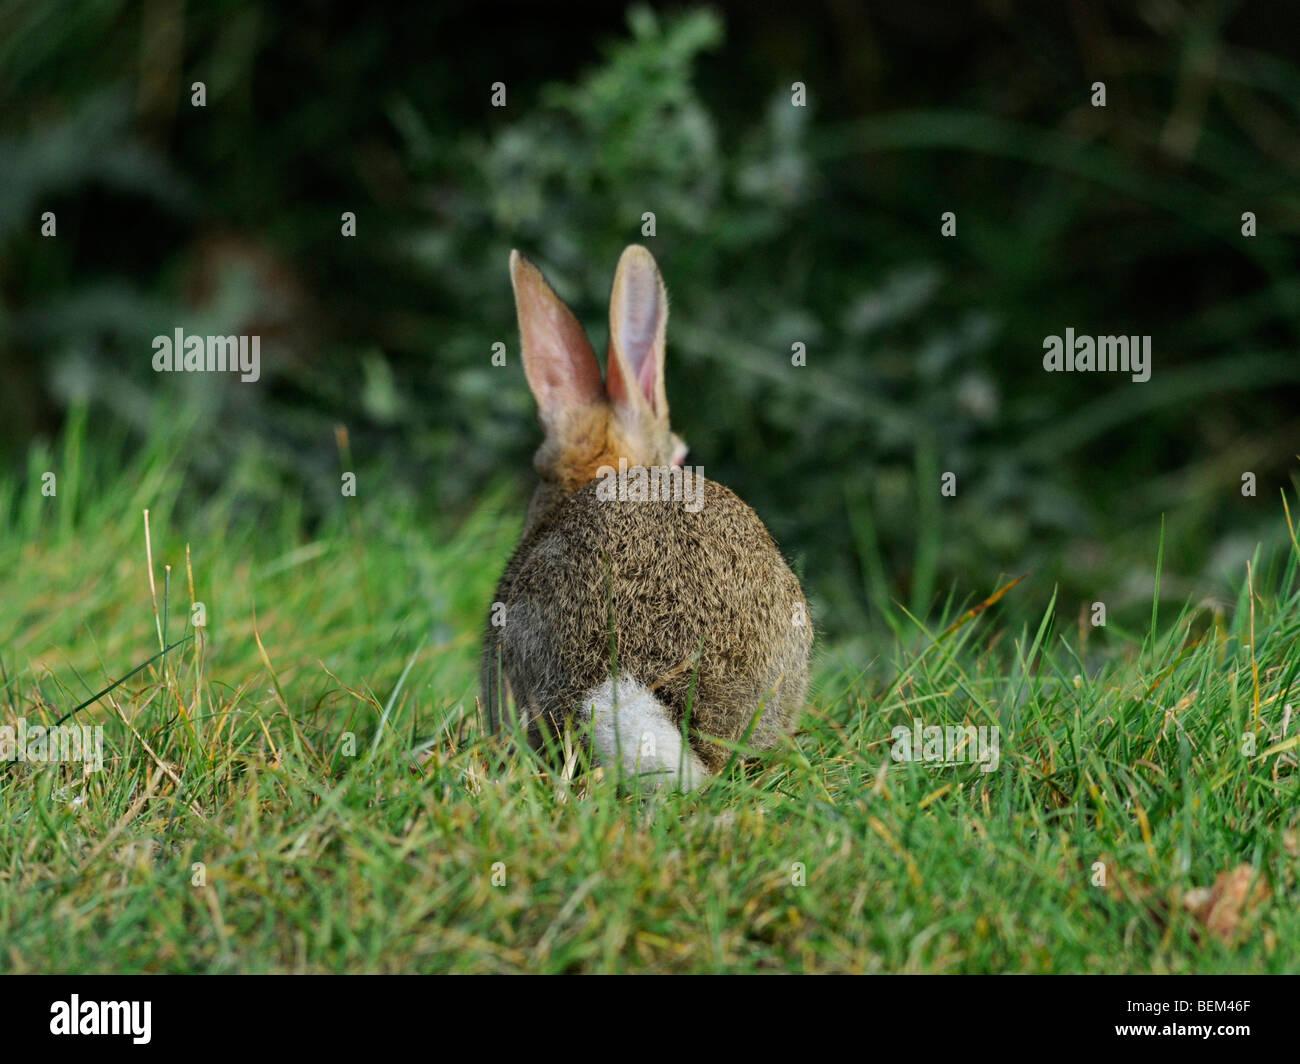 La vue arrière d'un petit lapin brun sauvage. Photo Stock